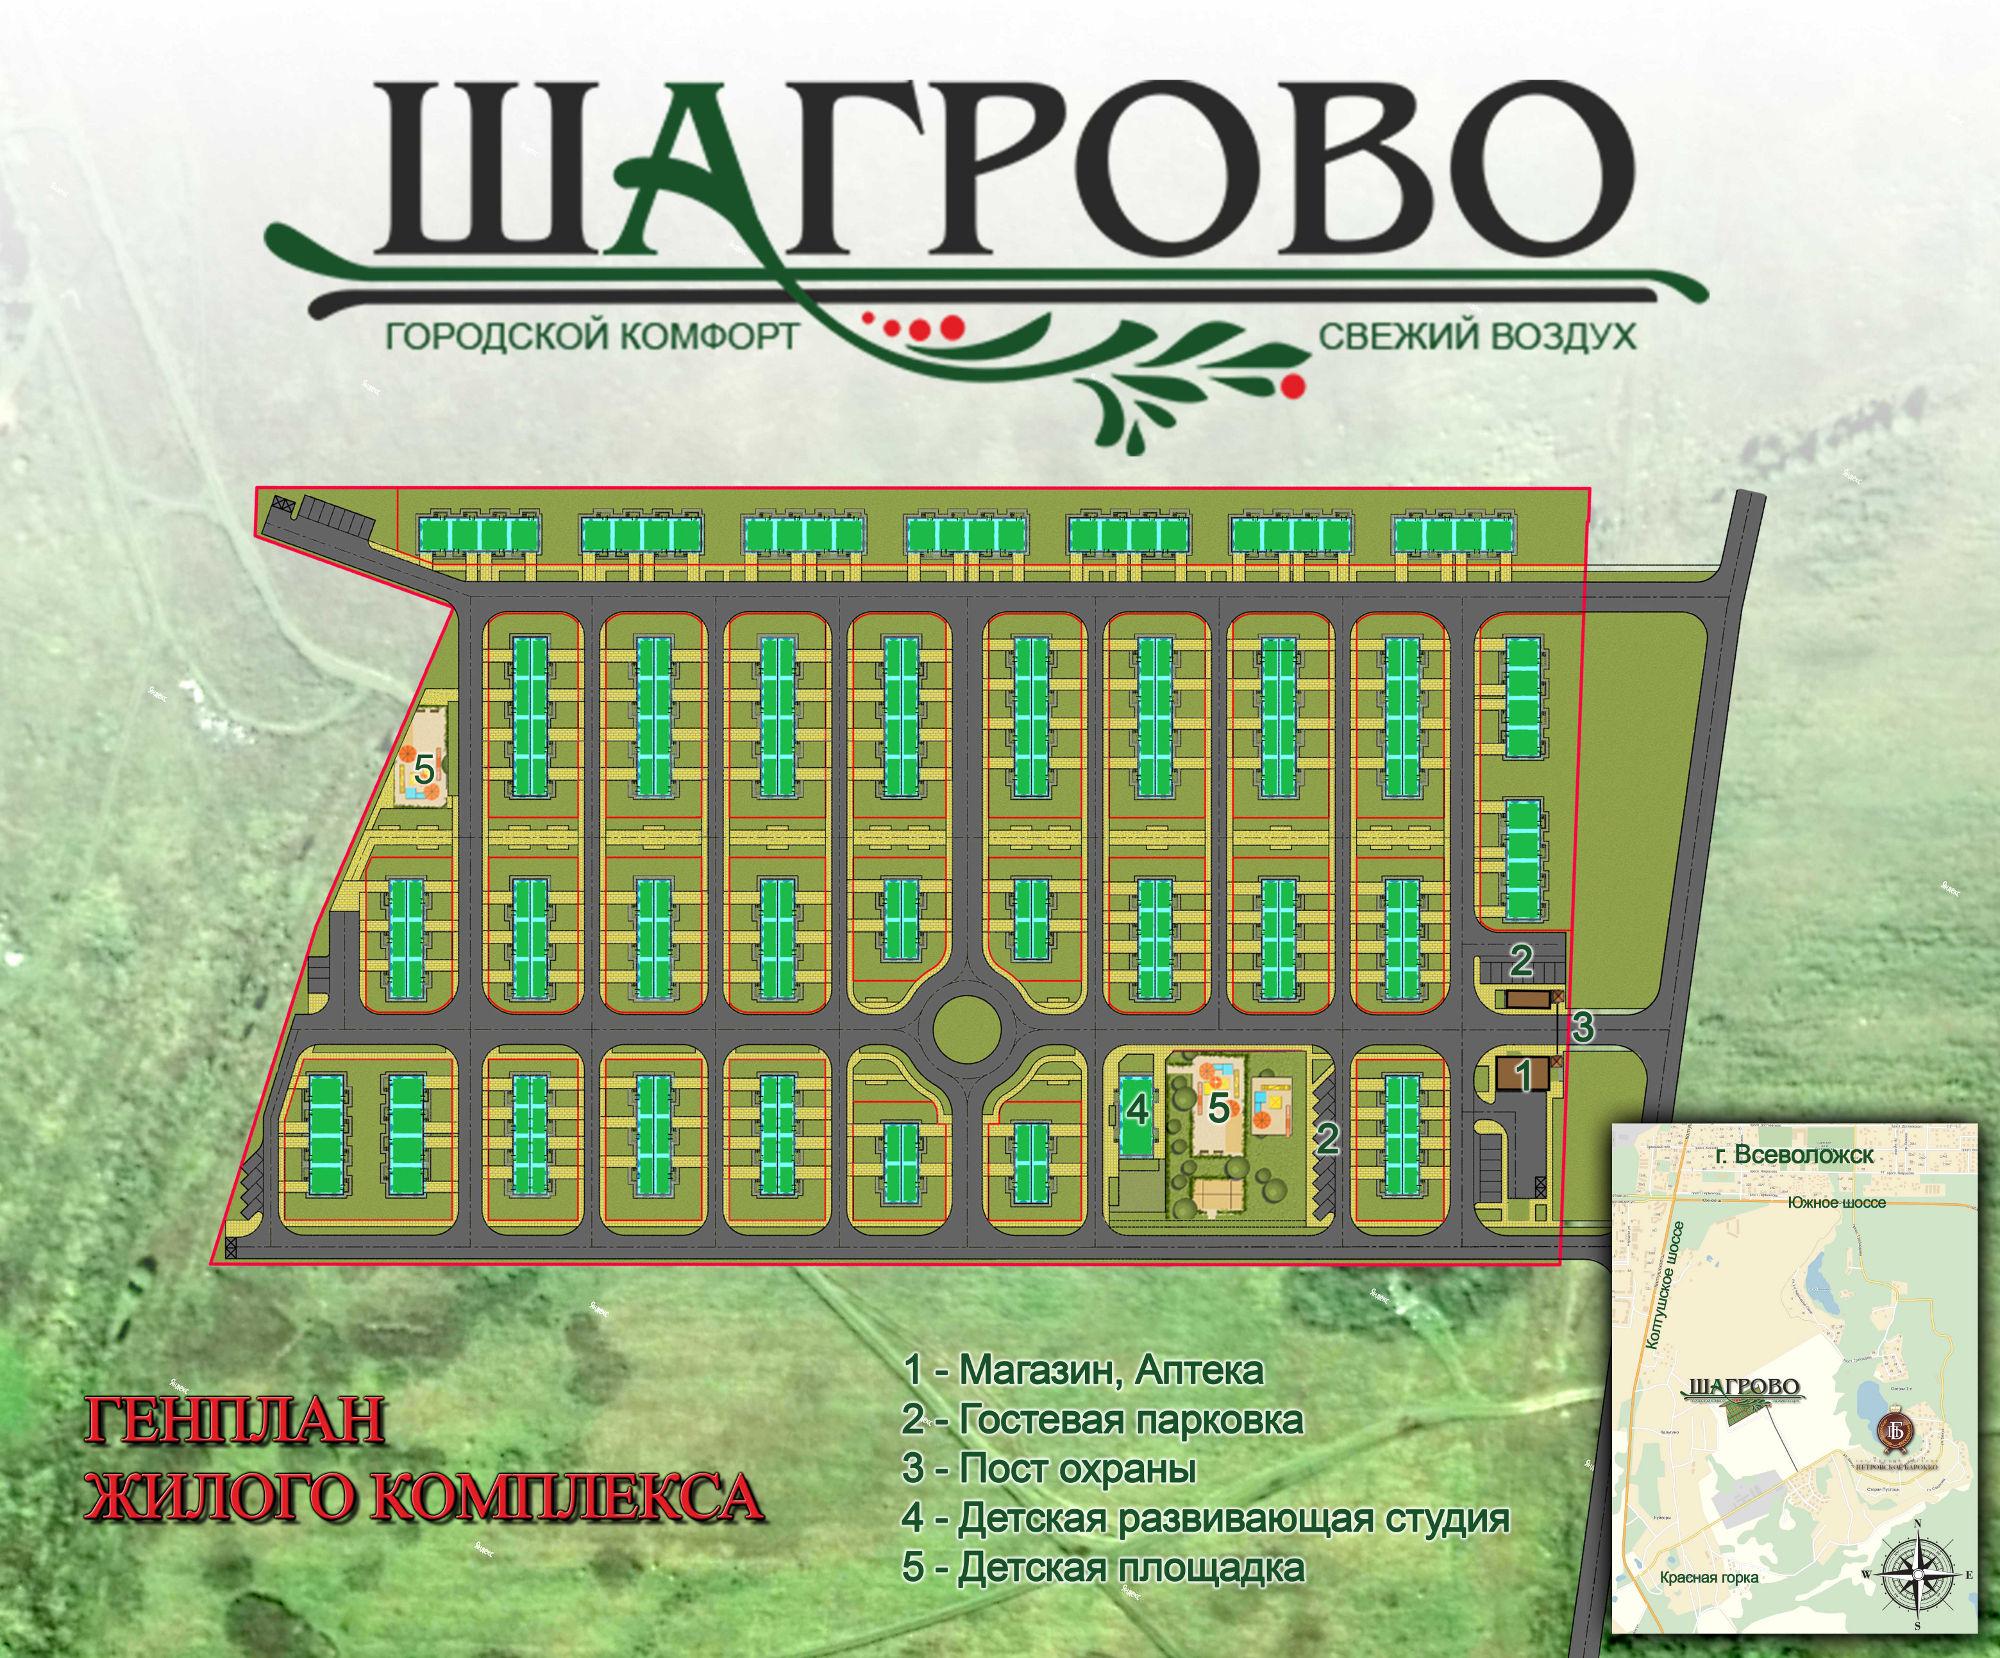 Генеральный план Шагрово